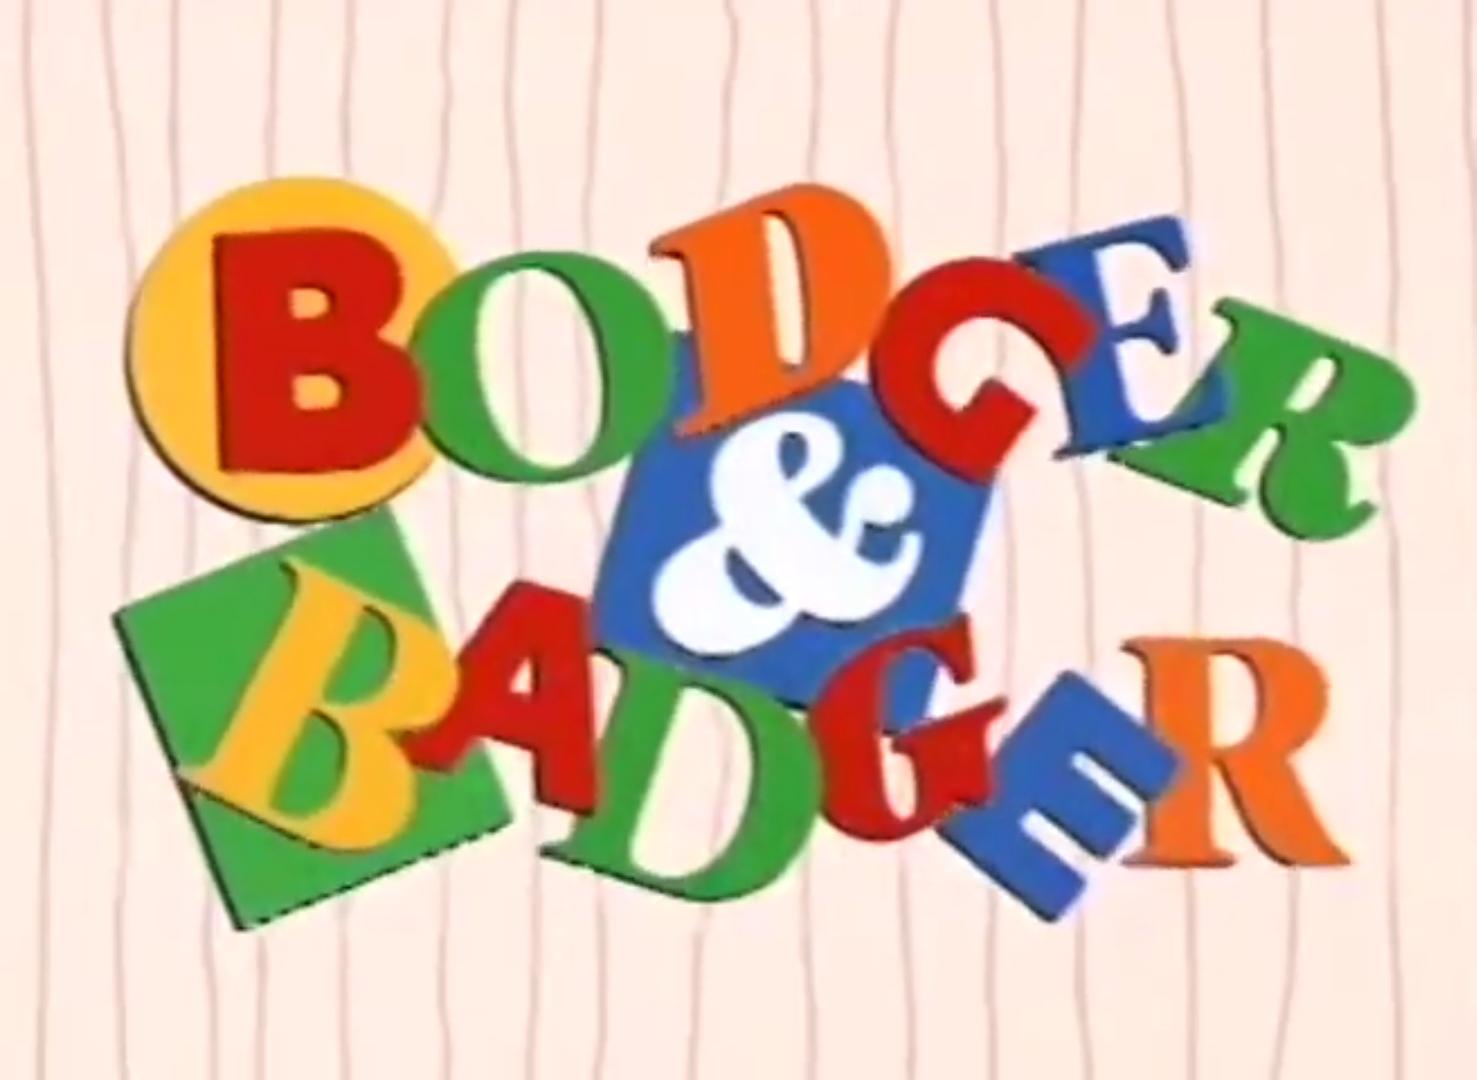 Bodger & Badger